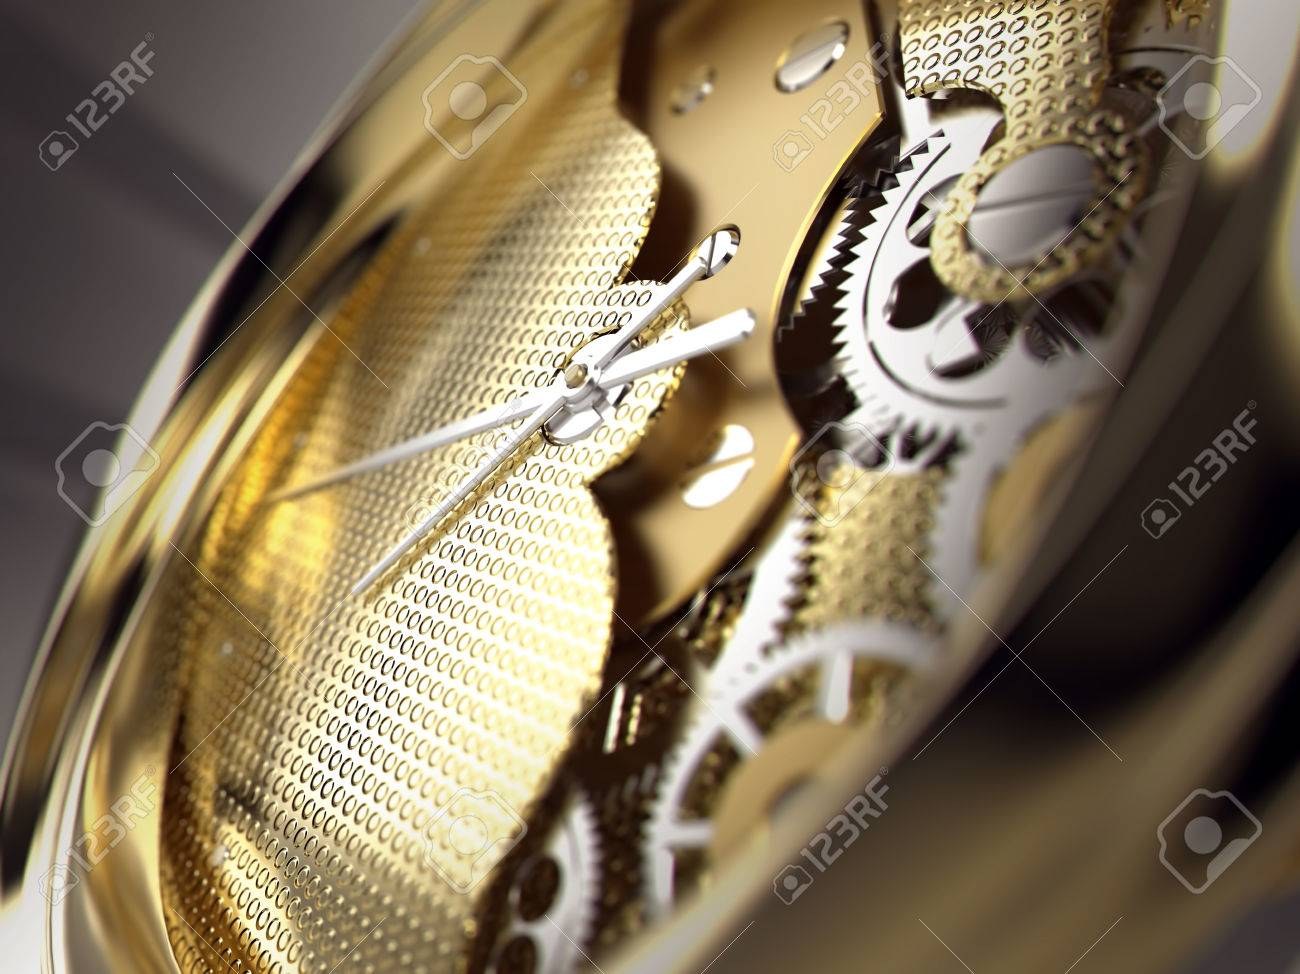 Realista Una 3d Un Industrial Máquina Reloj En Ruedas O El DentadasIlustración Da Engranajes InteriorPrimer Y dthQCsr